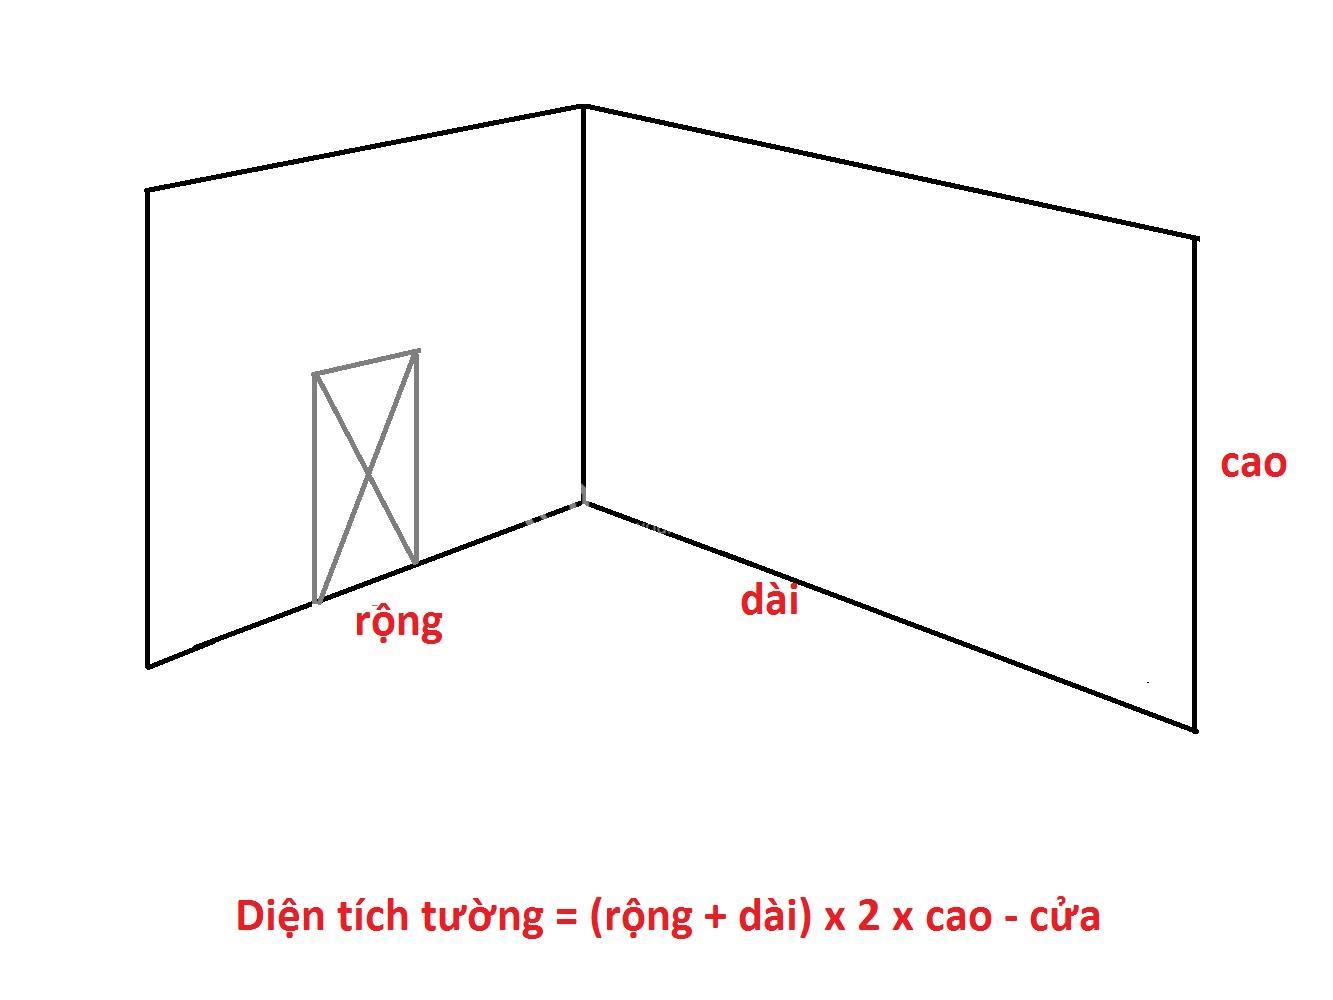 Công thức tính m2 đất chuẩn